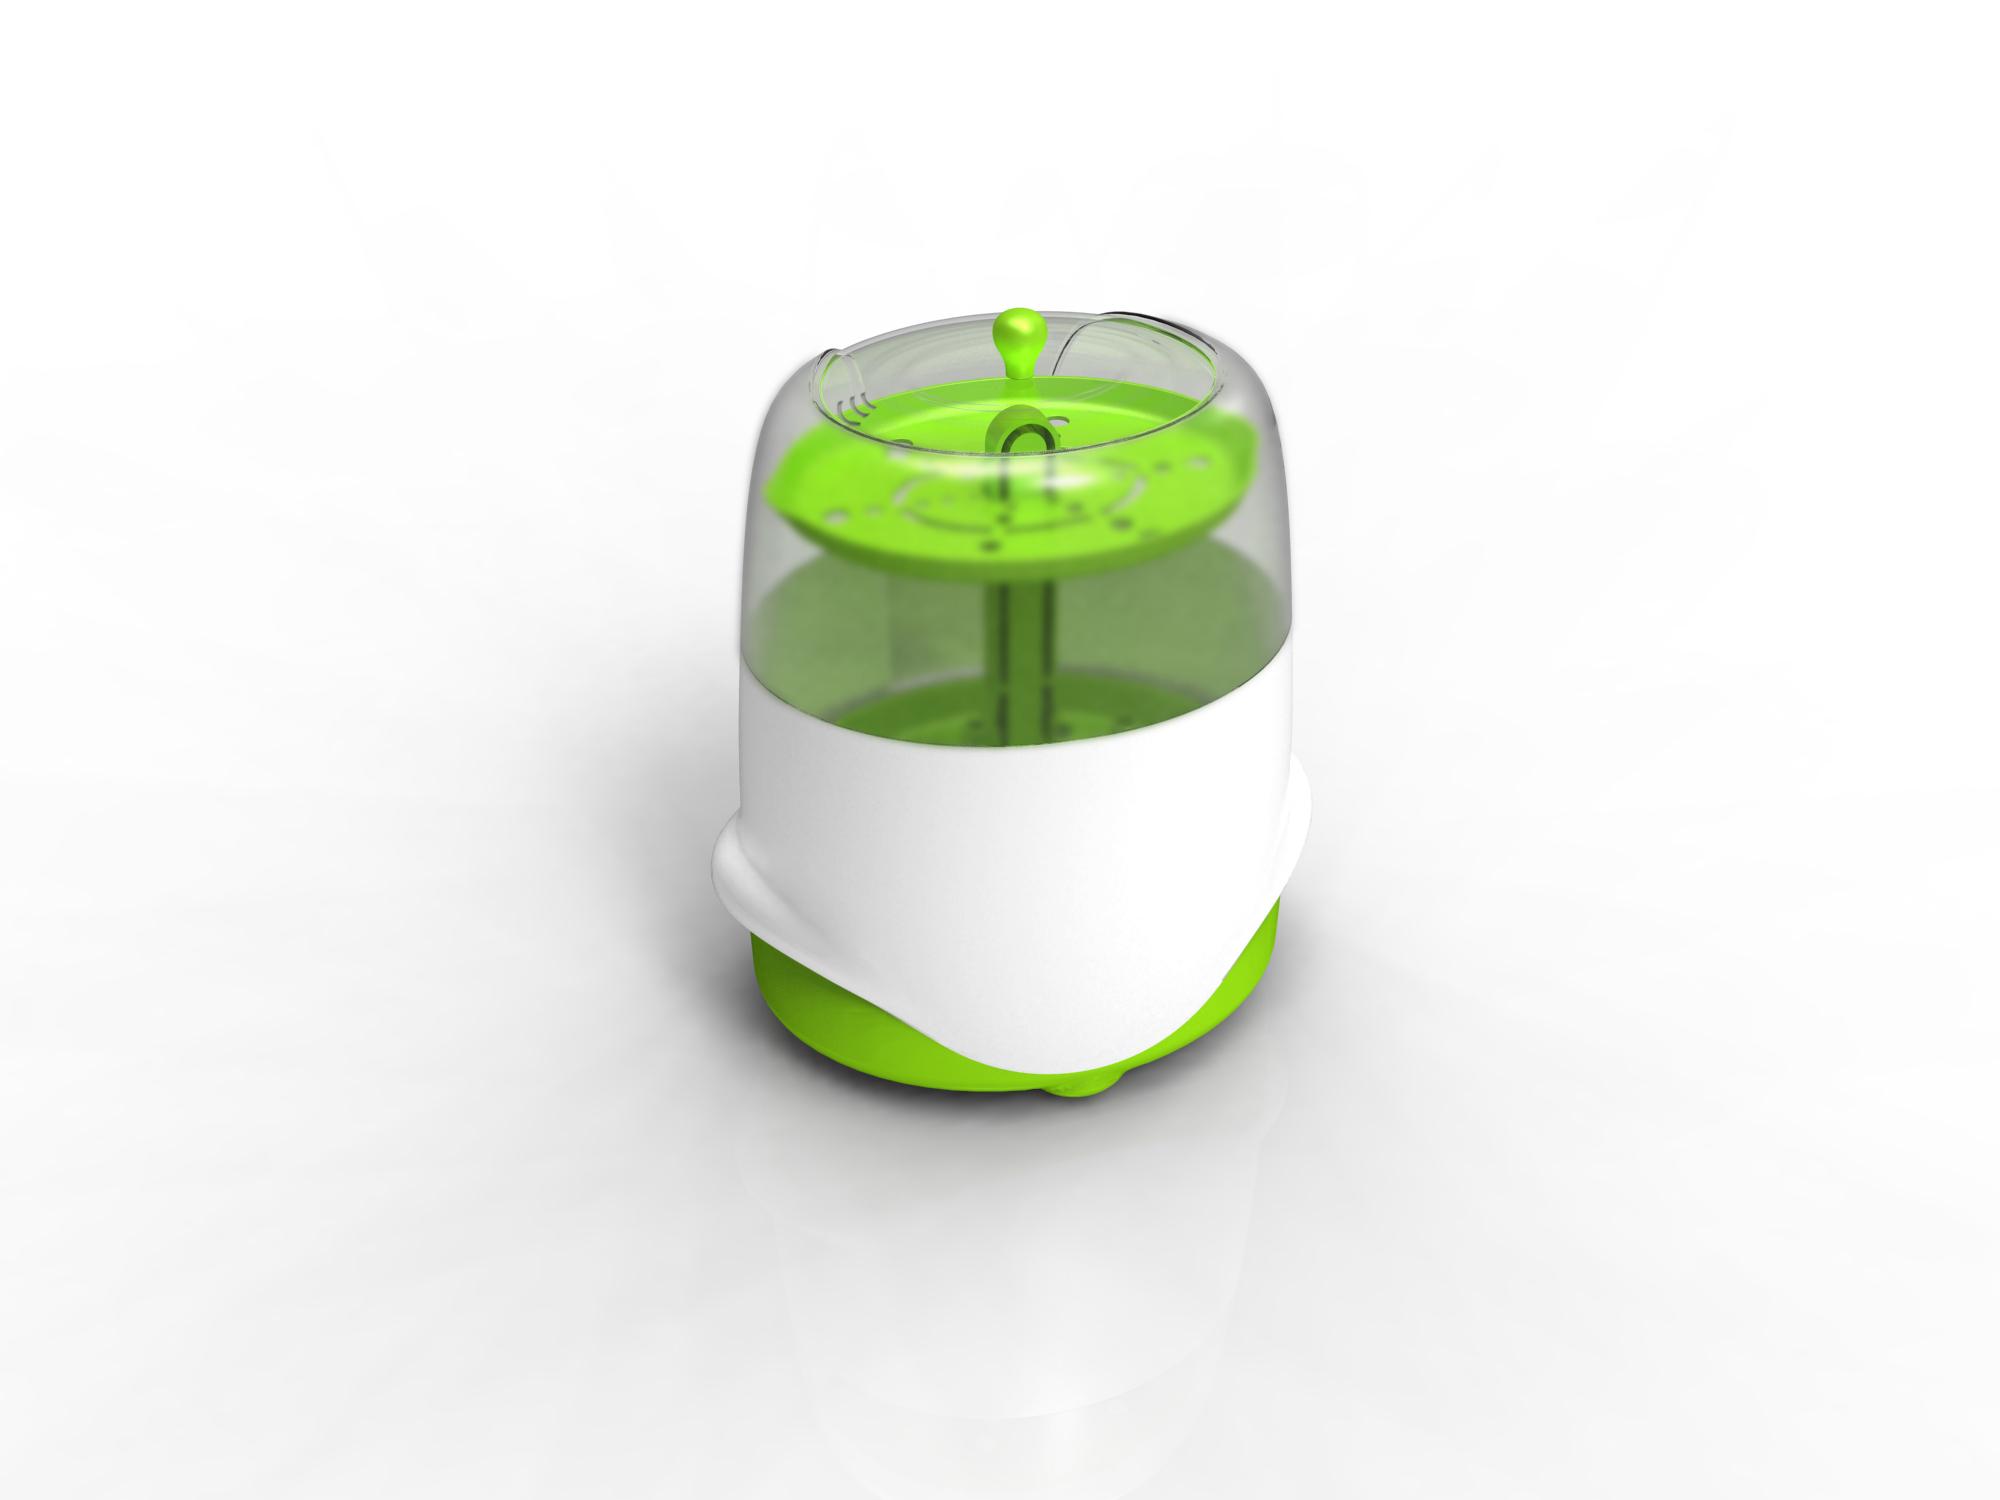 蒸汽奶瓶消毒器2_产品设计-来设计